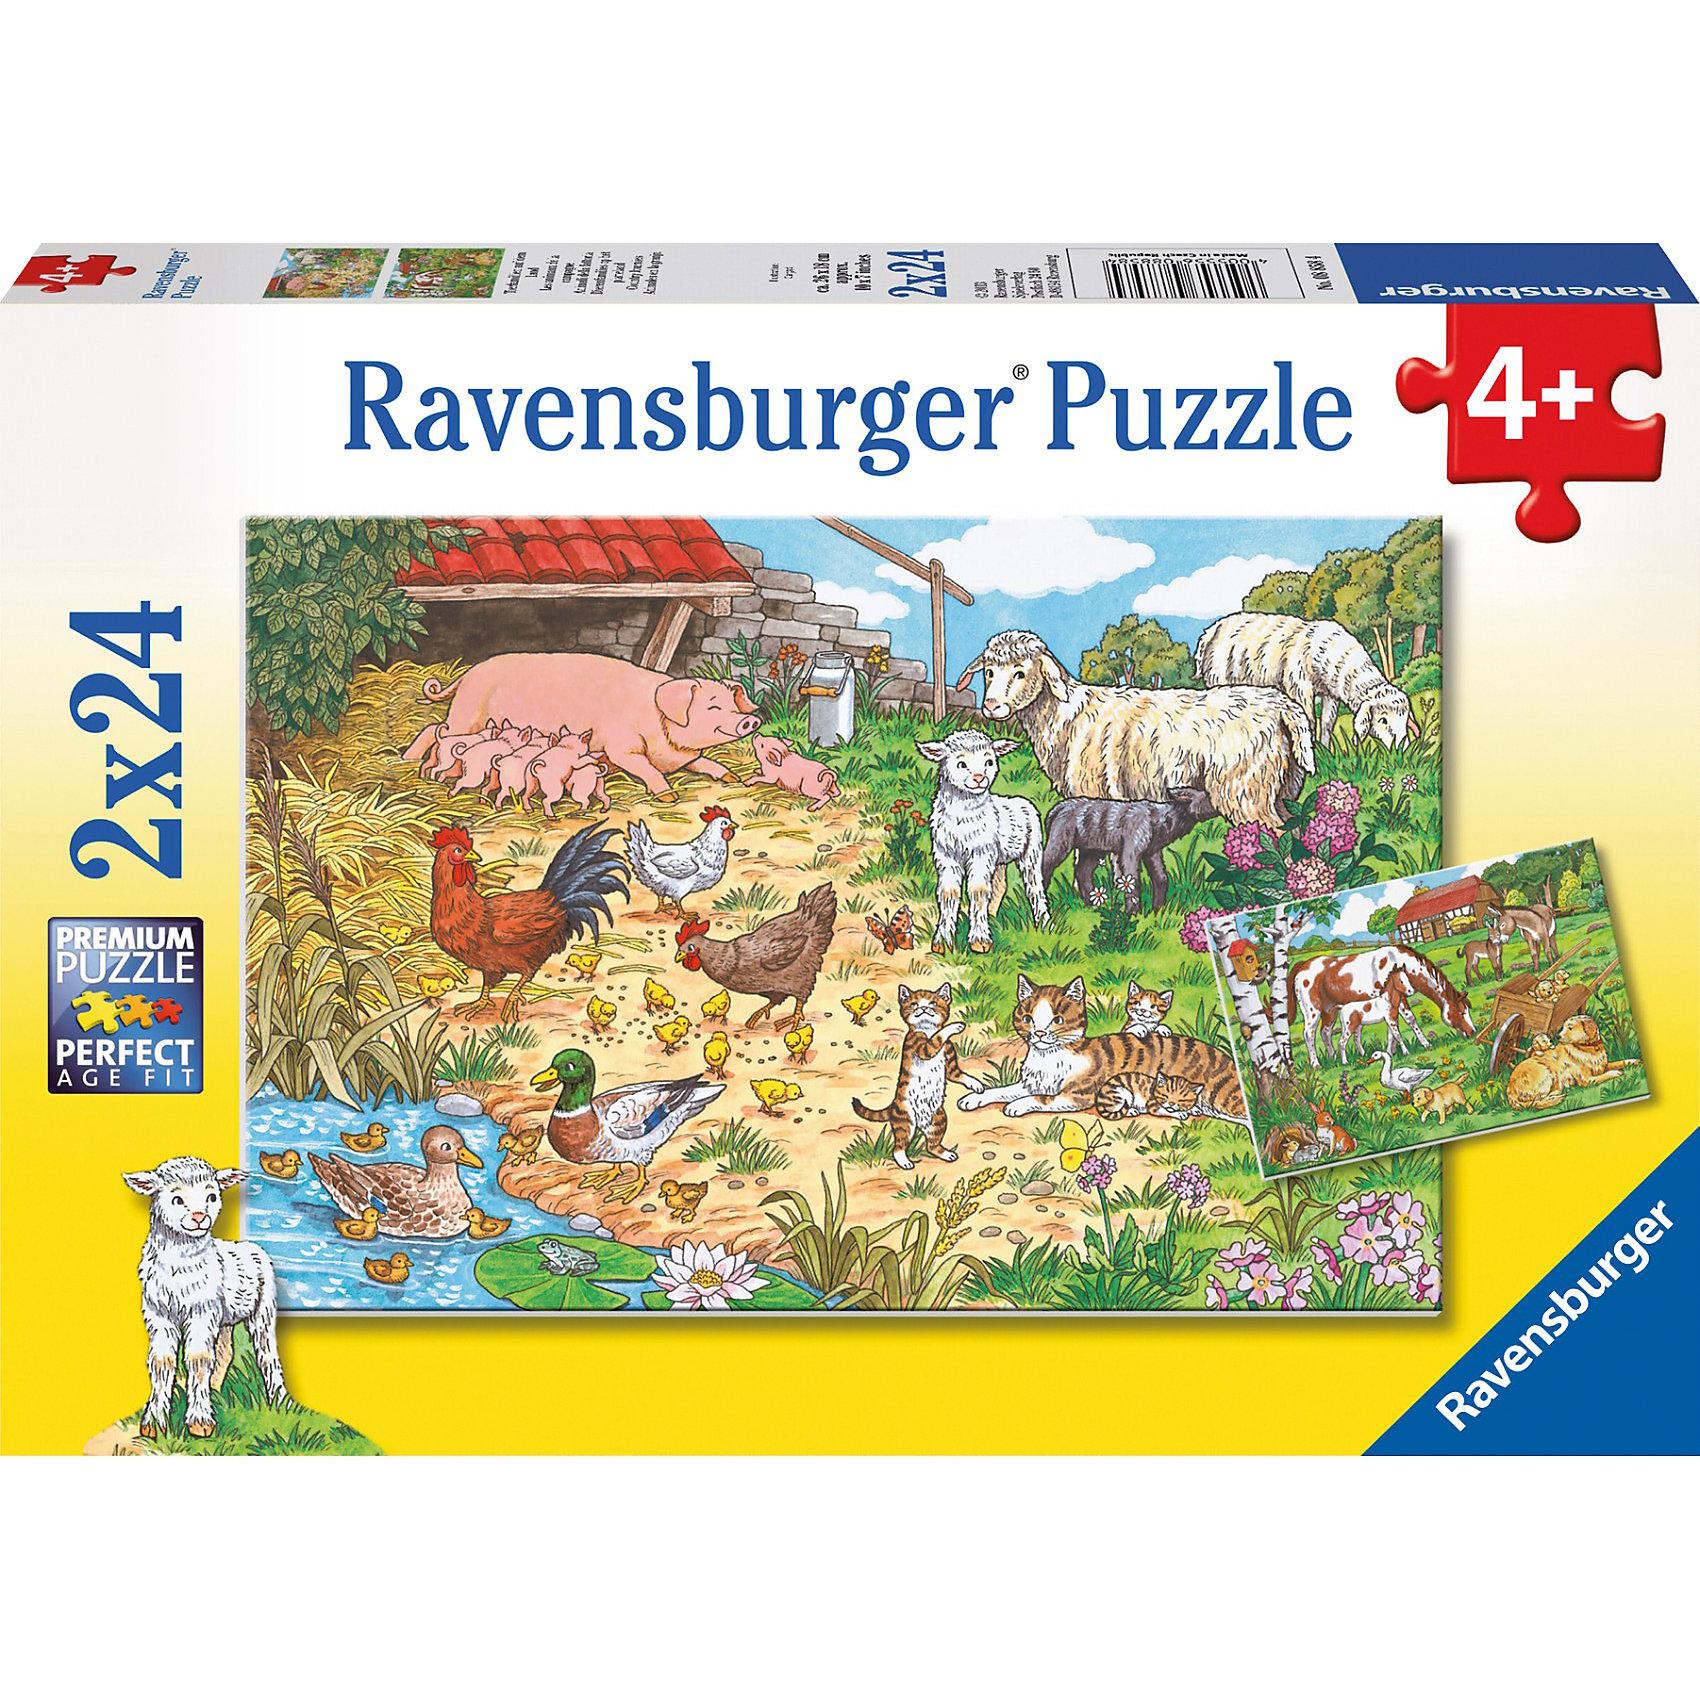 Набор пазлов  «Поездка в деревню» 2х24 деталей, RavensburgerНевероятно красочный Набор из 2-х пазлов  «Поездка в деревню» 2х24 деталей, Ravensburger (Равенсбургер), несомненно, понравится Вашему ребенку. Собрав правильно все пазлы, он получит 2 замечательные картинки с изображением очаровательных домашних животных и милых лошадок, пасущихся на лугу. Готовую картину можно поместить в рамку, и она еще долгое время будет радовать глаз! <br><br>Характеристики:<br>-Элементы идеально соединяются друг с другом, не отслаиваются с течением времени<br>-Высочайшее качество картона и полиграфии <br>-Матовая поверхность исключает отблески<br>-Развивает: память, мышление, внимательность, усидчивость, мелкая моторика<br>-Каждая деталь пазла отличается по форме, что упростит сборку <br>-Занимательное времяпрепровождение для всей семьи<br>-Для сохранения в собранном виде можно использовать скотч или специальный клей для пазлов (в комплект не входит)<br><br>Дополнительная информация:<br>-Материал: плотный картон, бумага<br>-Размер каждого собранного пазла: 26х18 см<br>-Размер упаковки: 28х19х4 см<br>-Вес упаковки: 0,3 кг<br><br>Набор пазлов  «Поездка в деревню» – это отличная развивающая игра-головоломка для детей и занимательное времяпрепровождение для всей семьи! <br><br>Набор пазлов  «Поездка в деревню» 2х24 деталей, Ravensburger (Равенсбургер) можно купить в нашем магазине.<br><br>Ширина мм: 275<br>Глубина мм: 192<br>Высота мм: 37<br>Вес г: 271<br>Возраст от месяцев: 48<br>Возраст до месяцев: 72<br>Пол: Унисекс<br>Возраст: Детский<br>Количество деталей: 24<br>SKU: 3376942